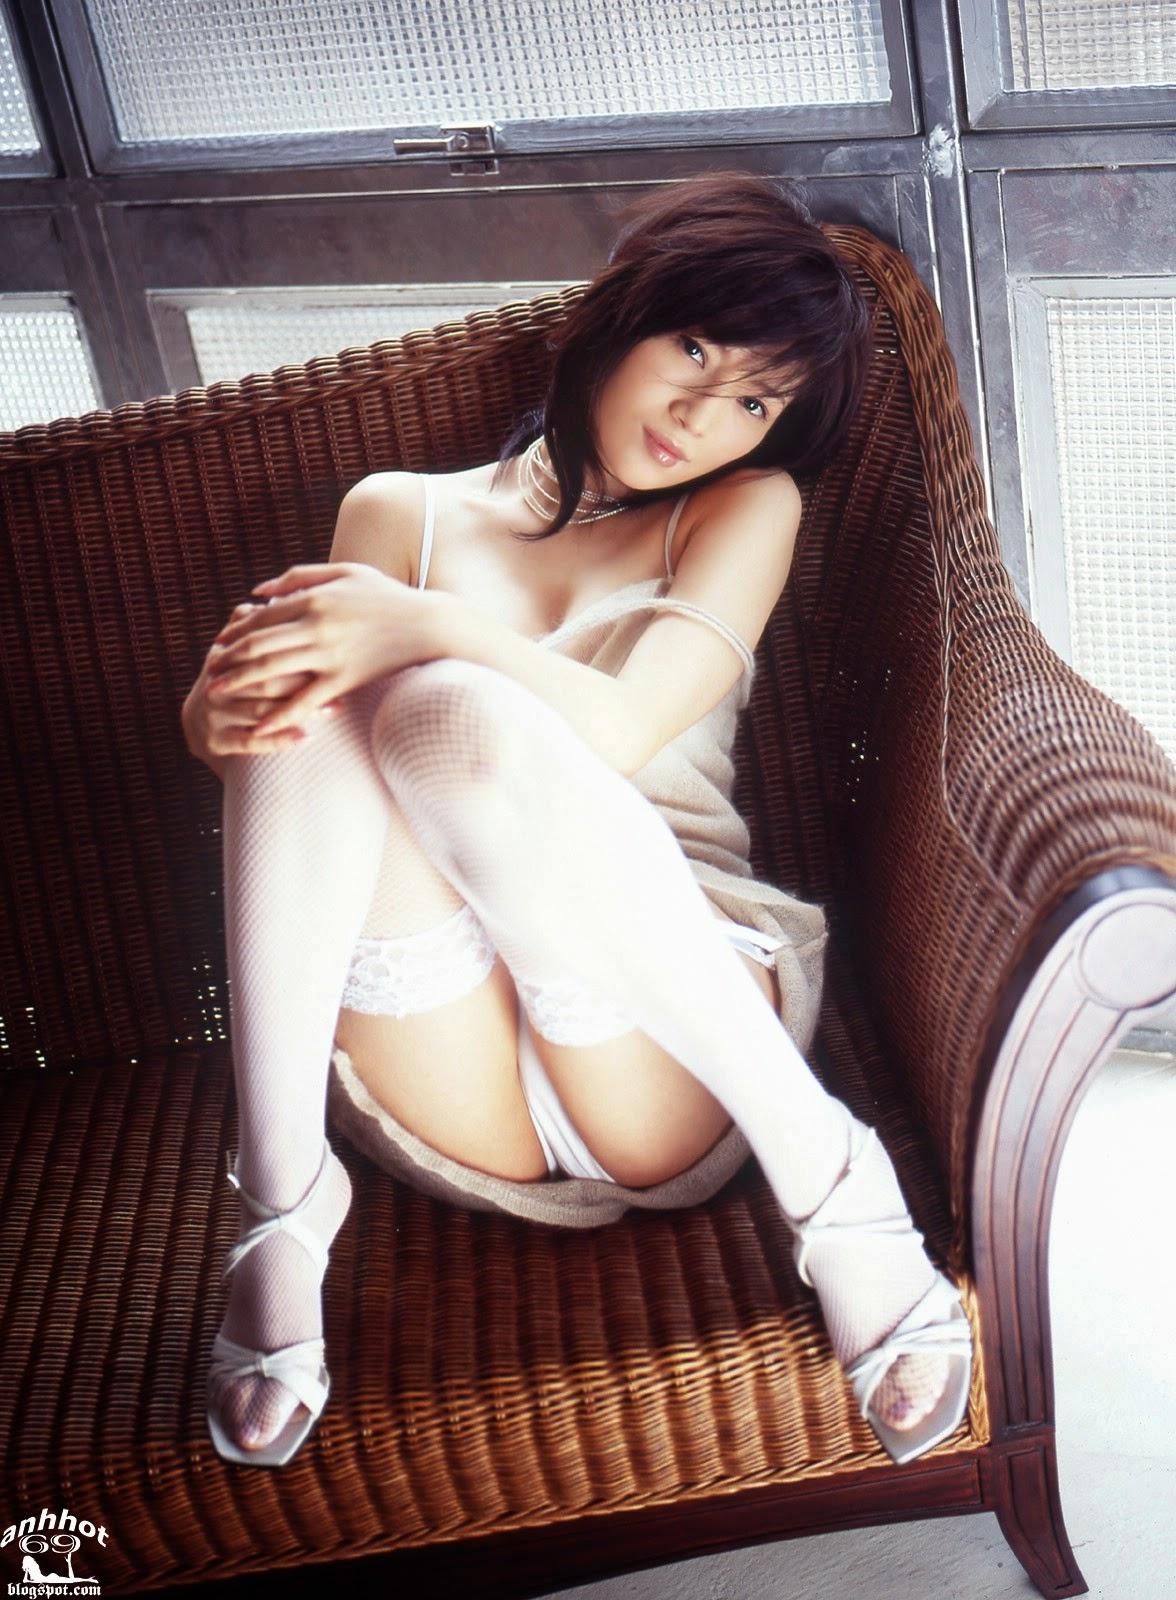 yuuri-morishita-02028947